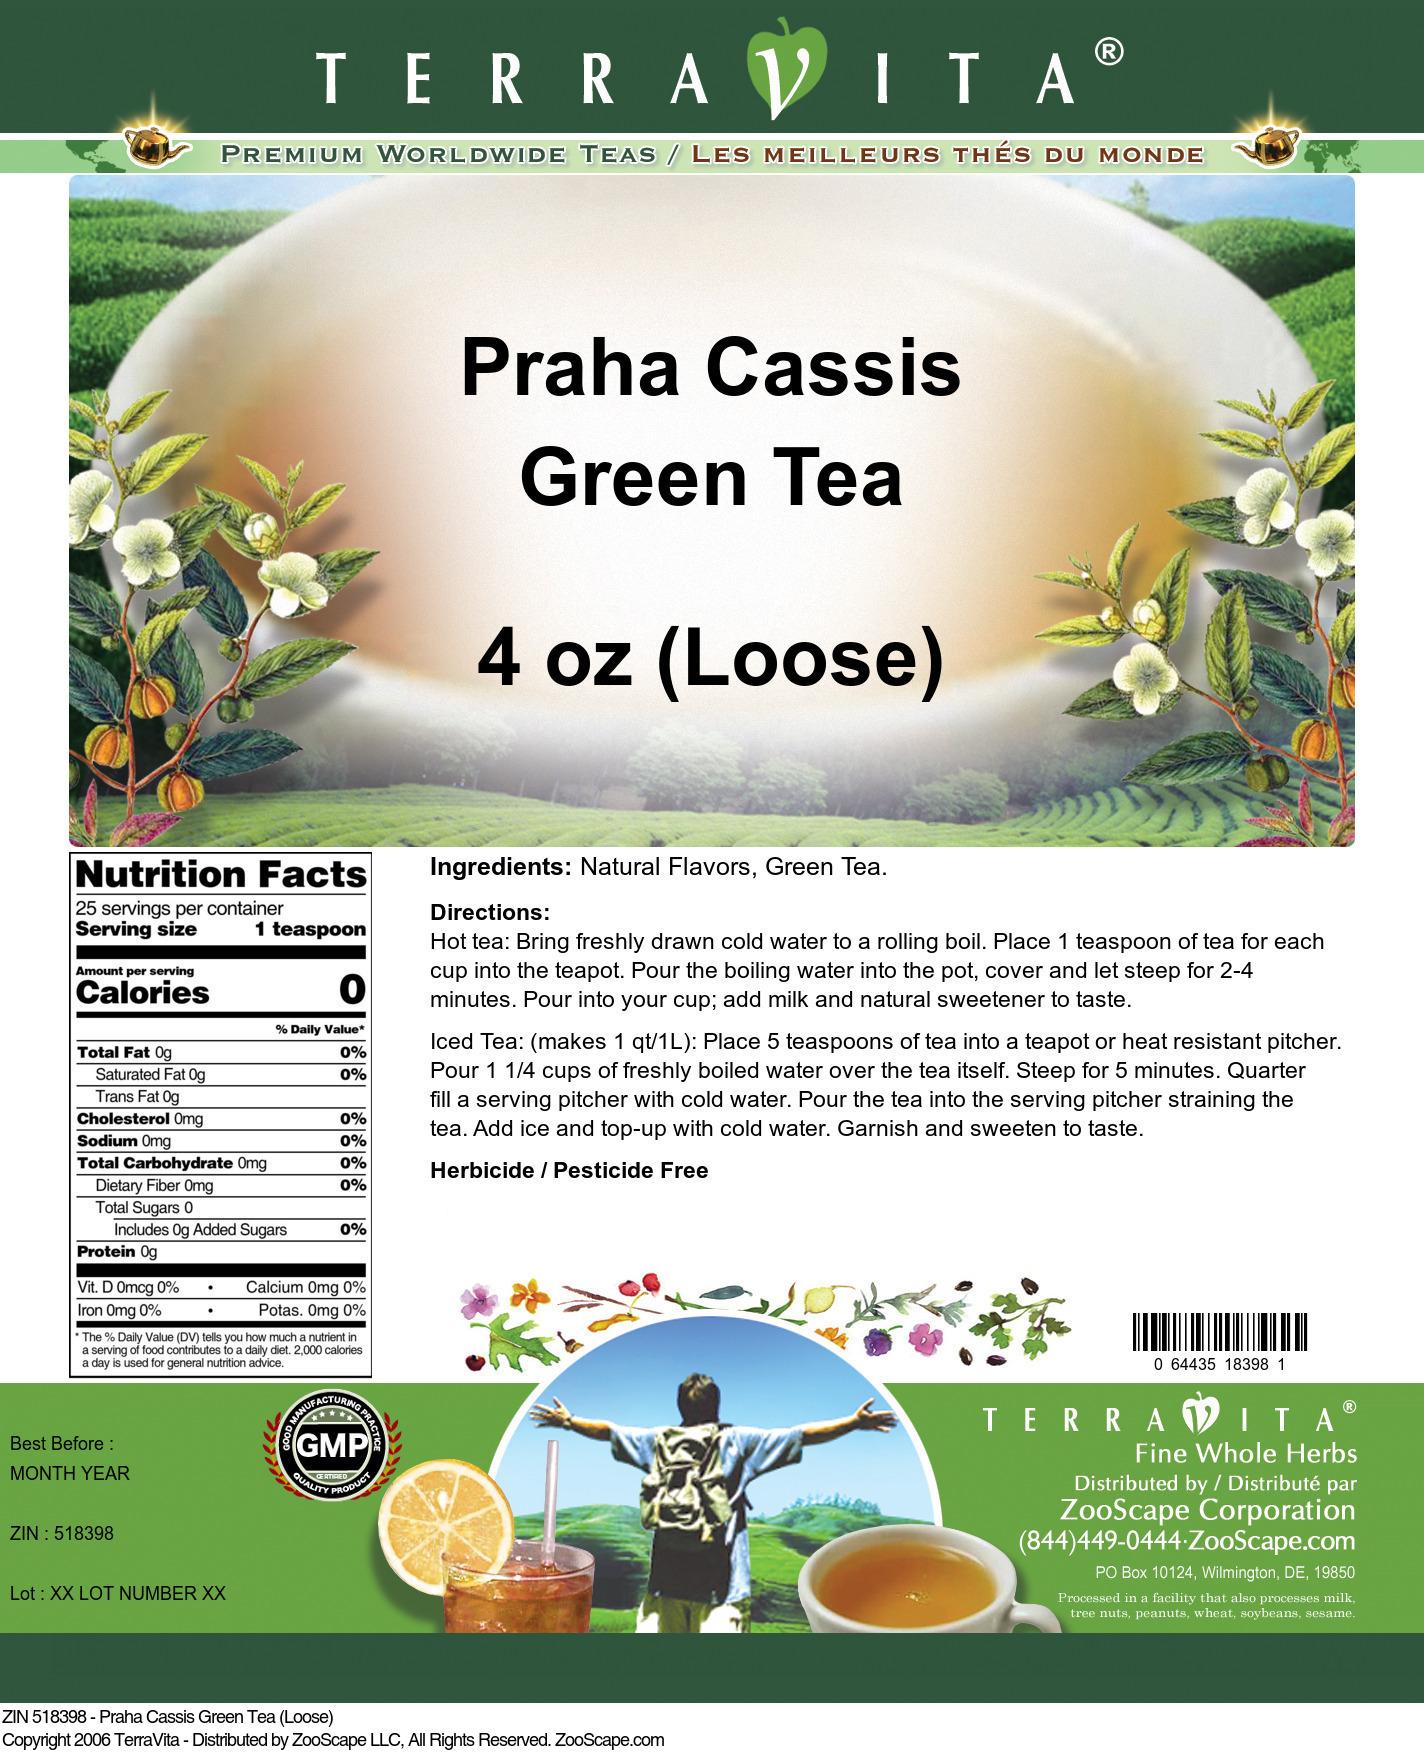 Praha Cassis Green Tea (Loose)